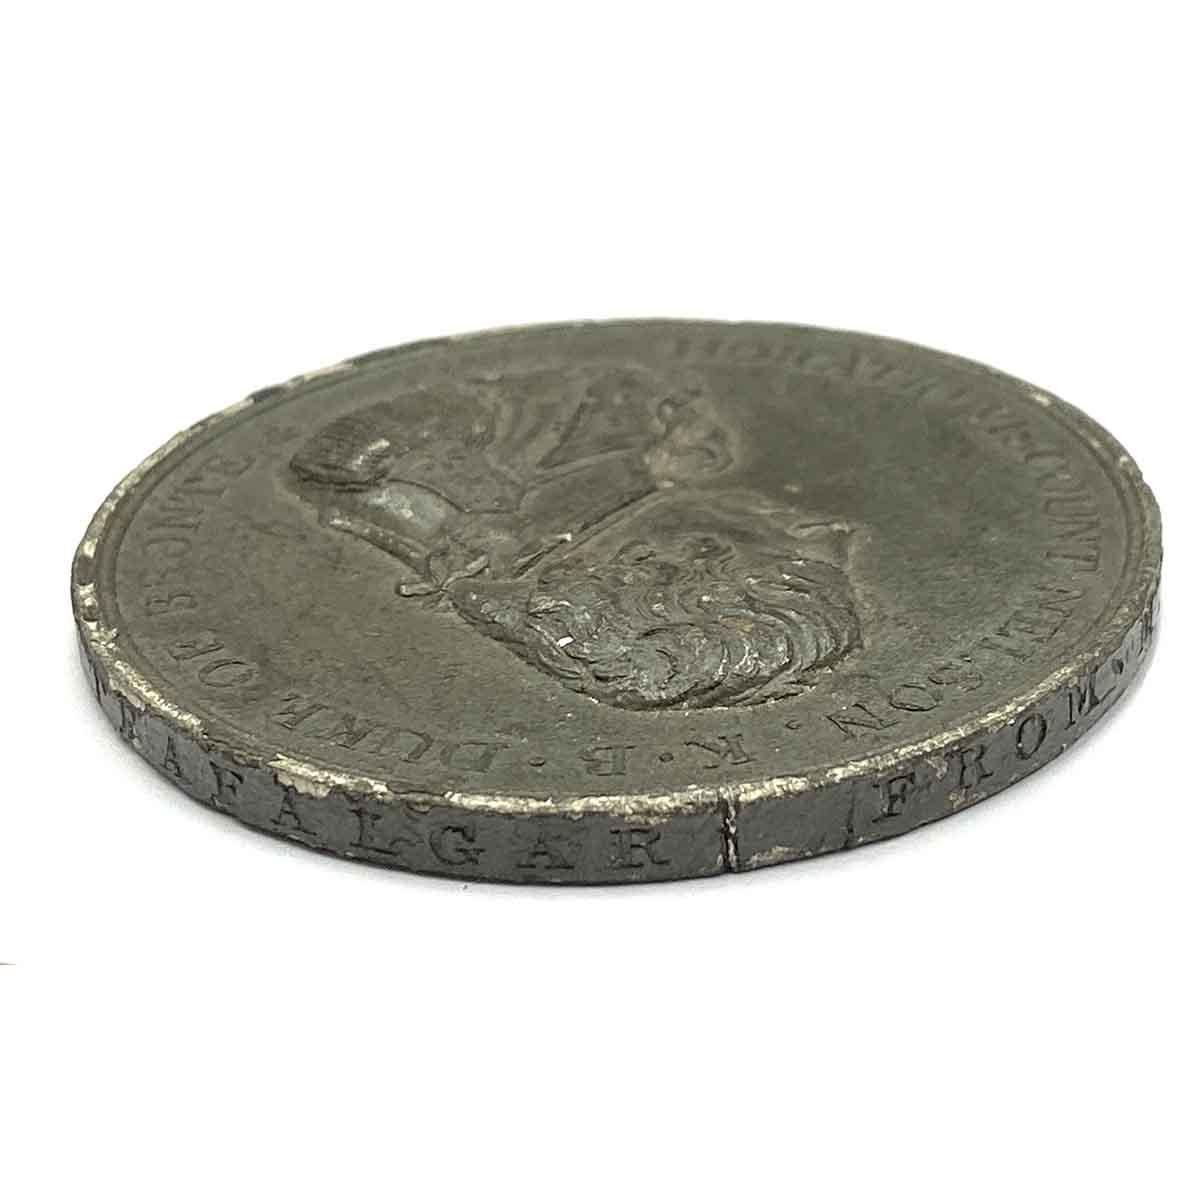 Boulton Trafalgar Medal 1805 3